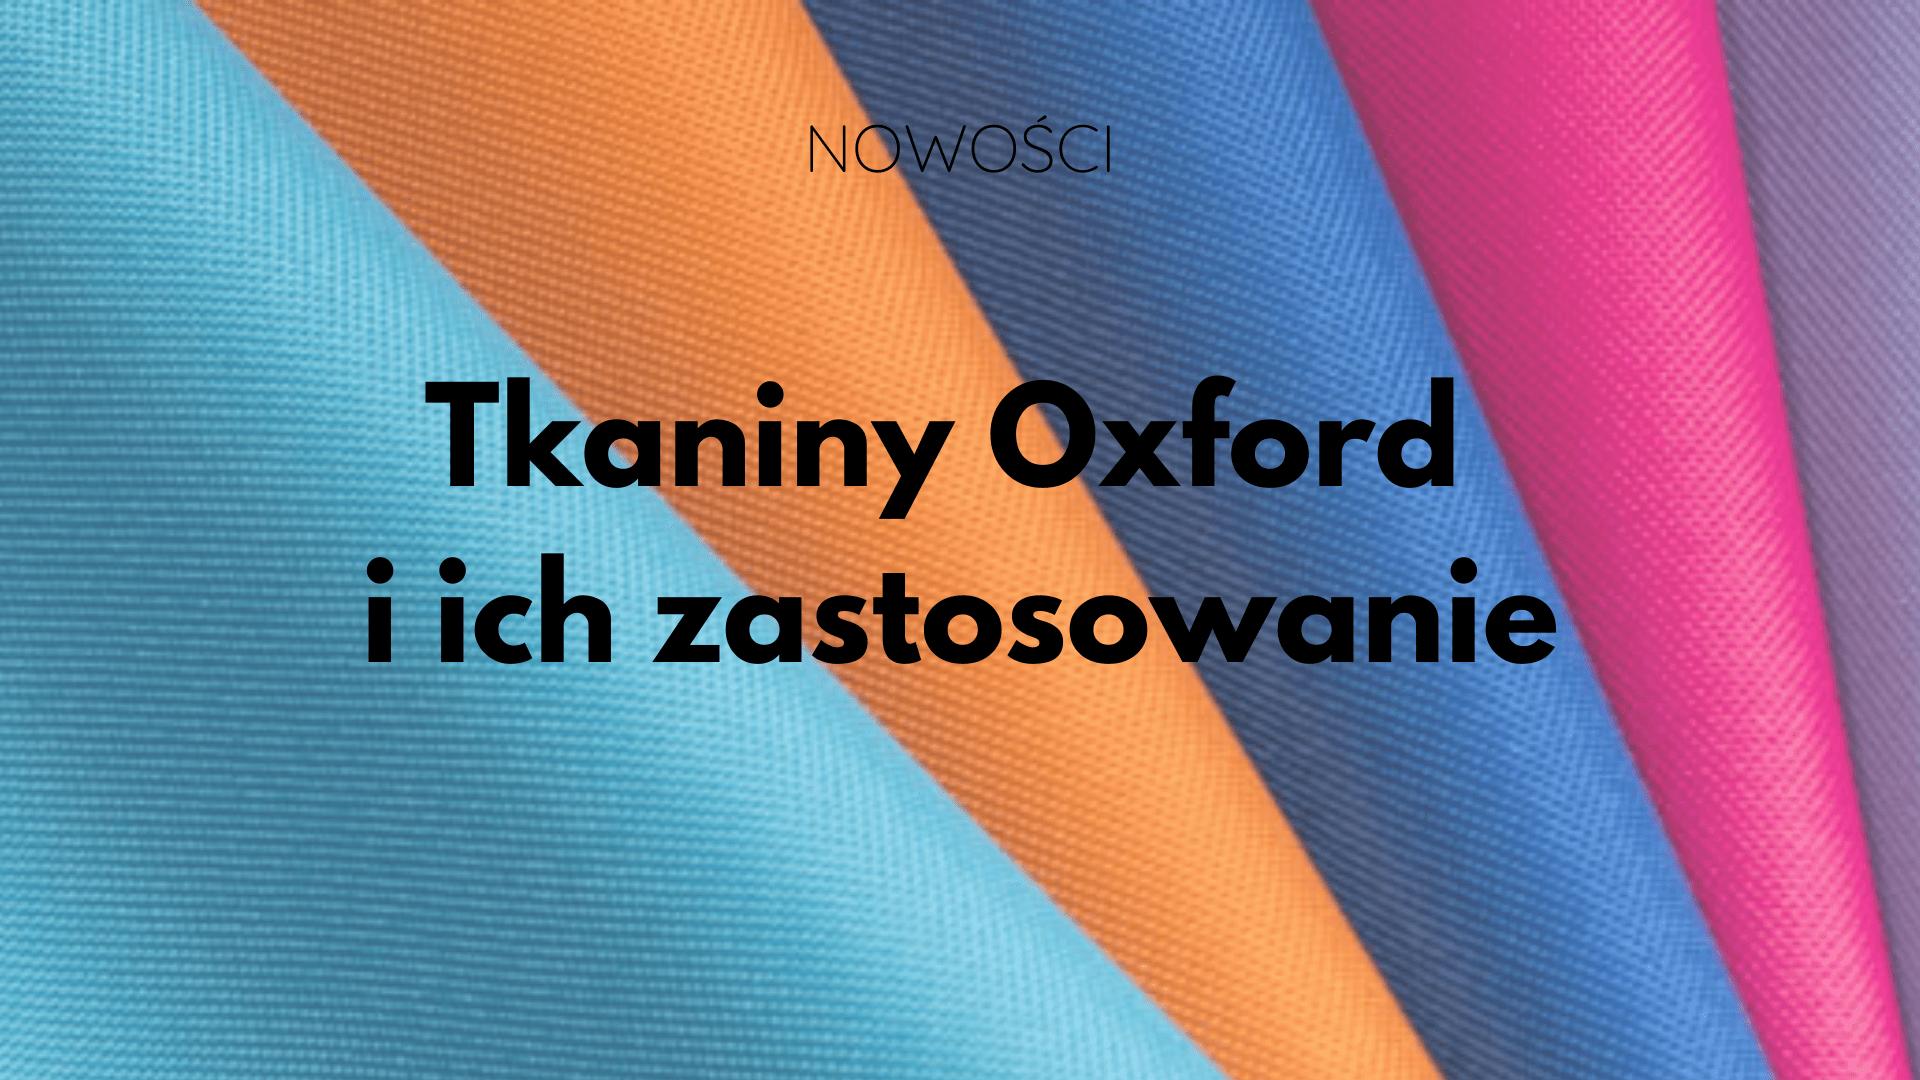 tkanina oxford zastosowanie